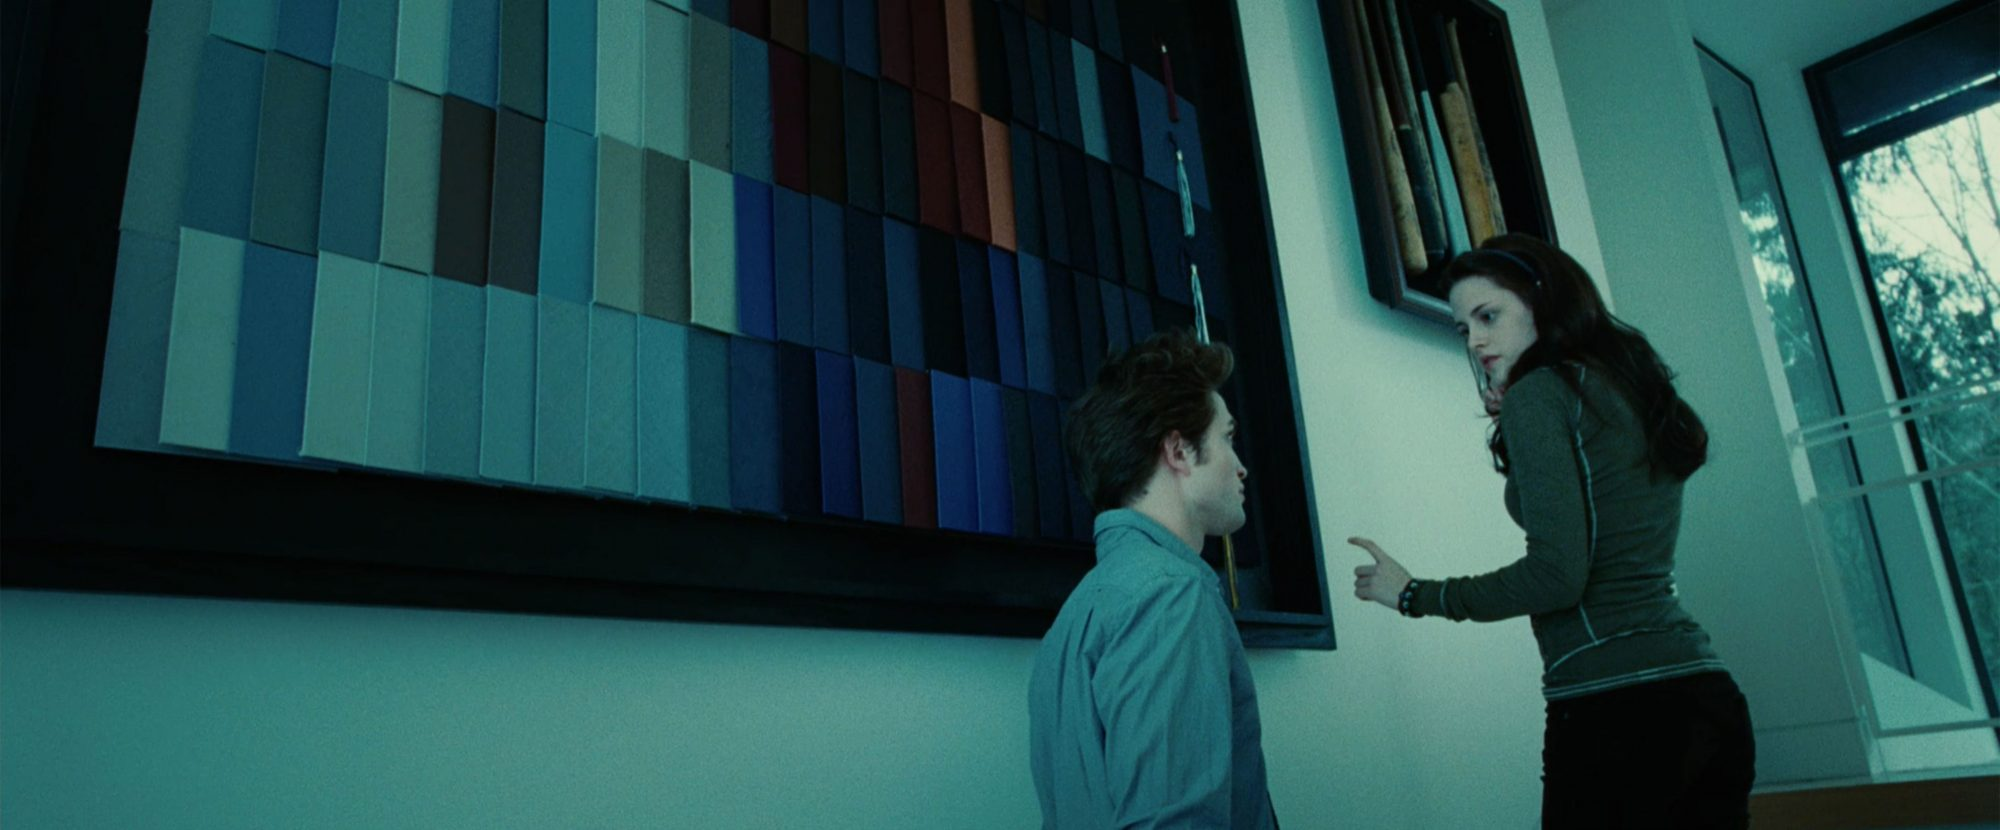 Twilight (2008) (screen grab)Kristen Stewart and Robert PattinsonCR: Summit